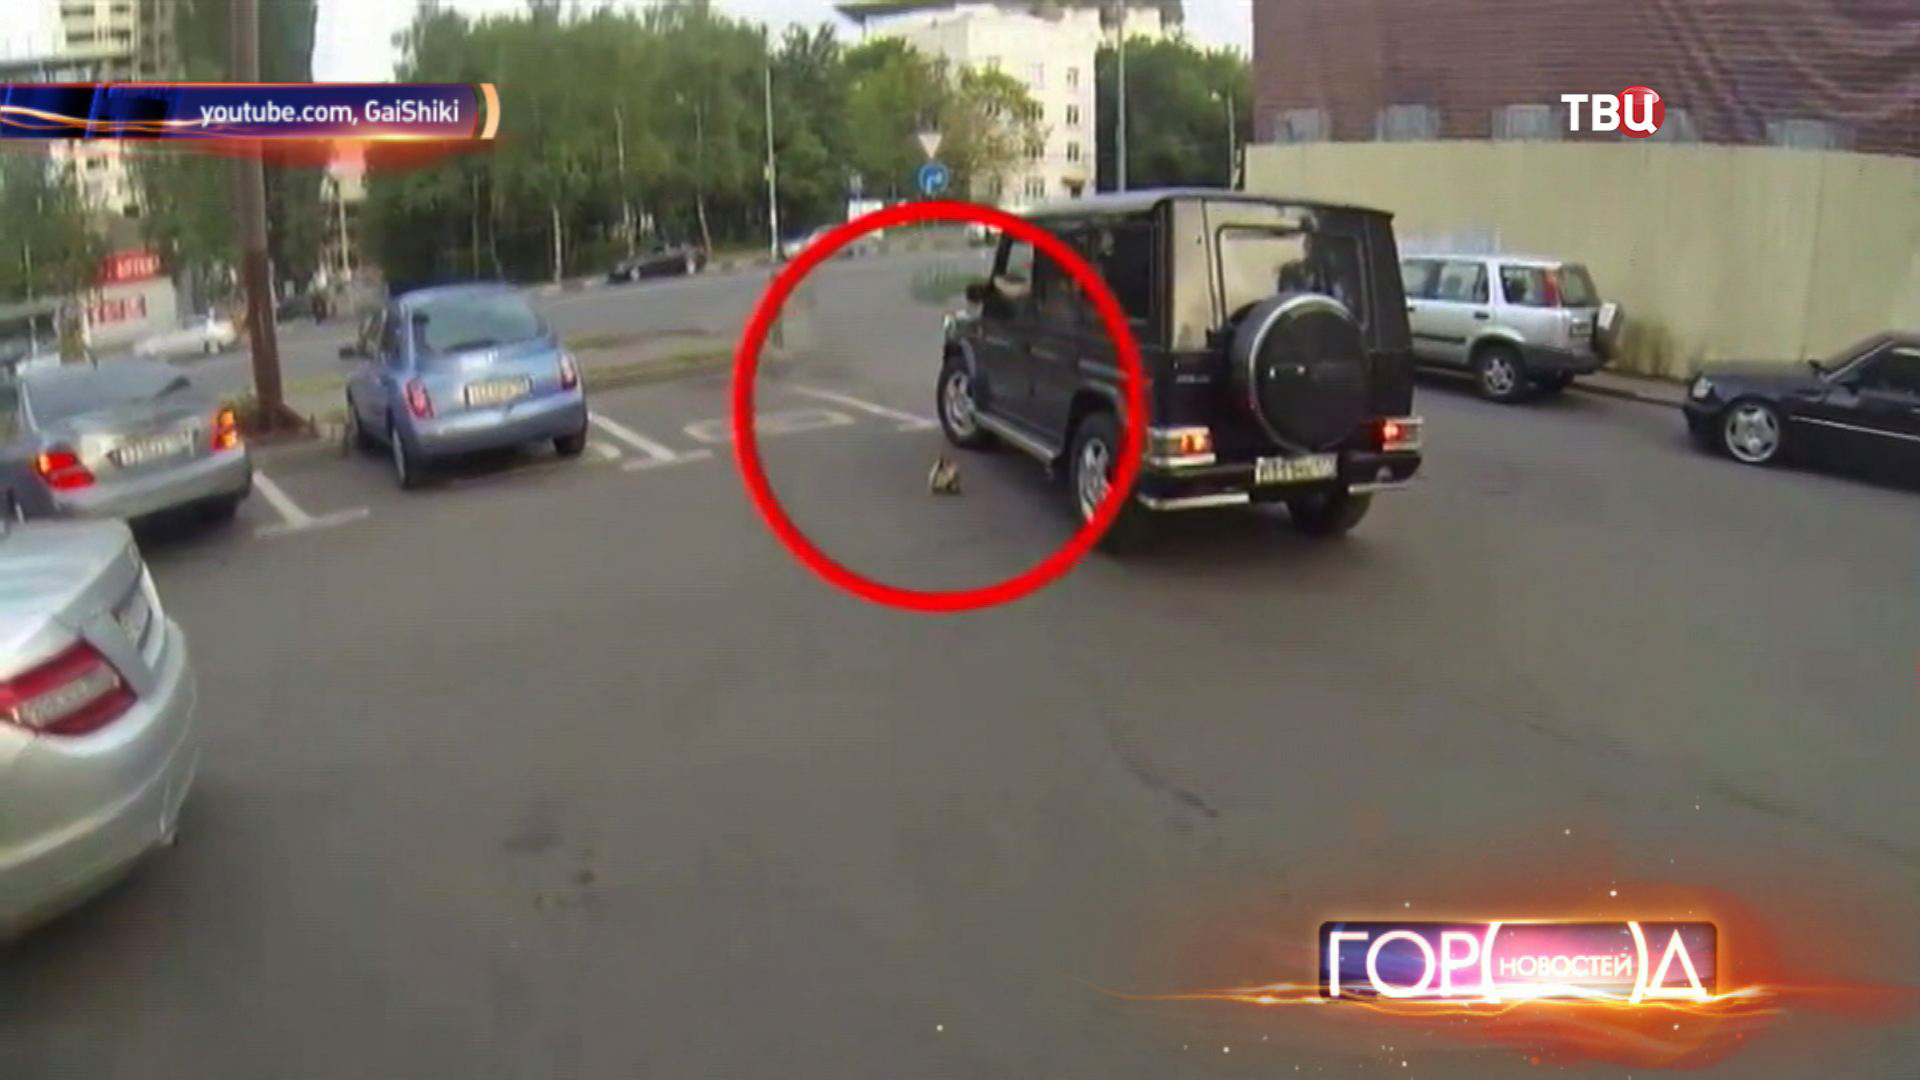 Водитель выбрасывает мусор на дорогу